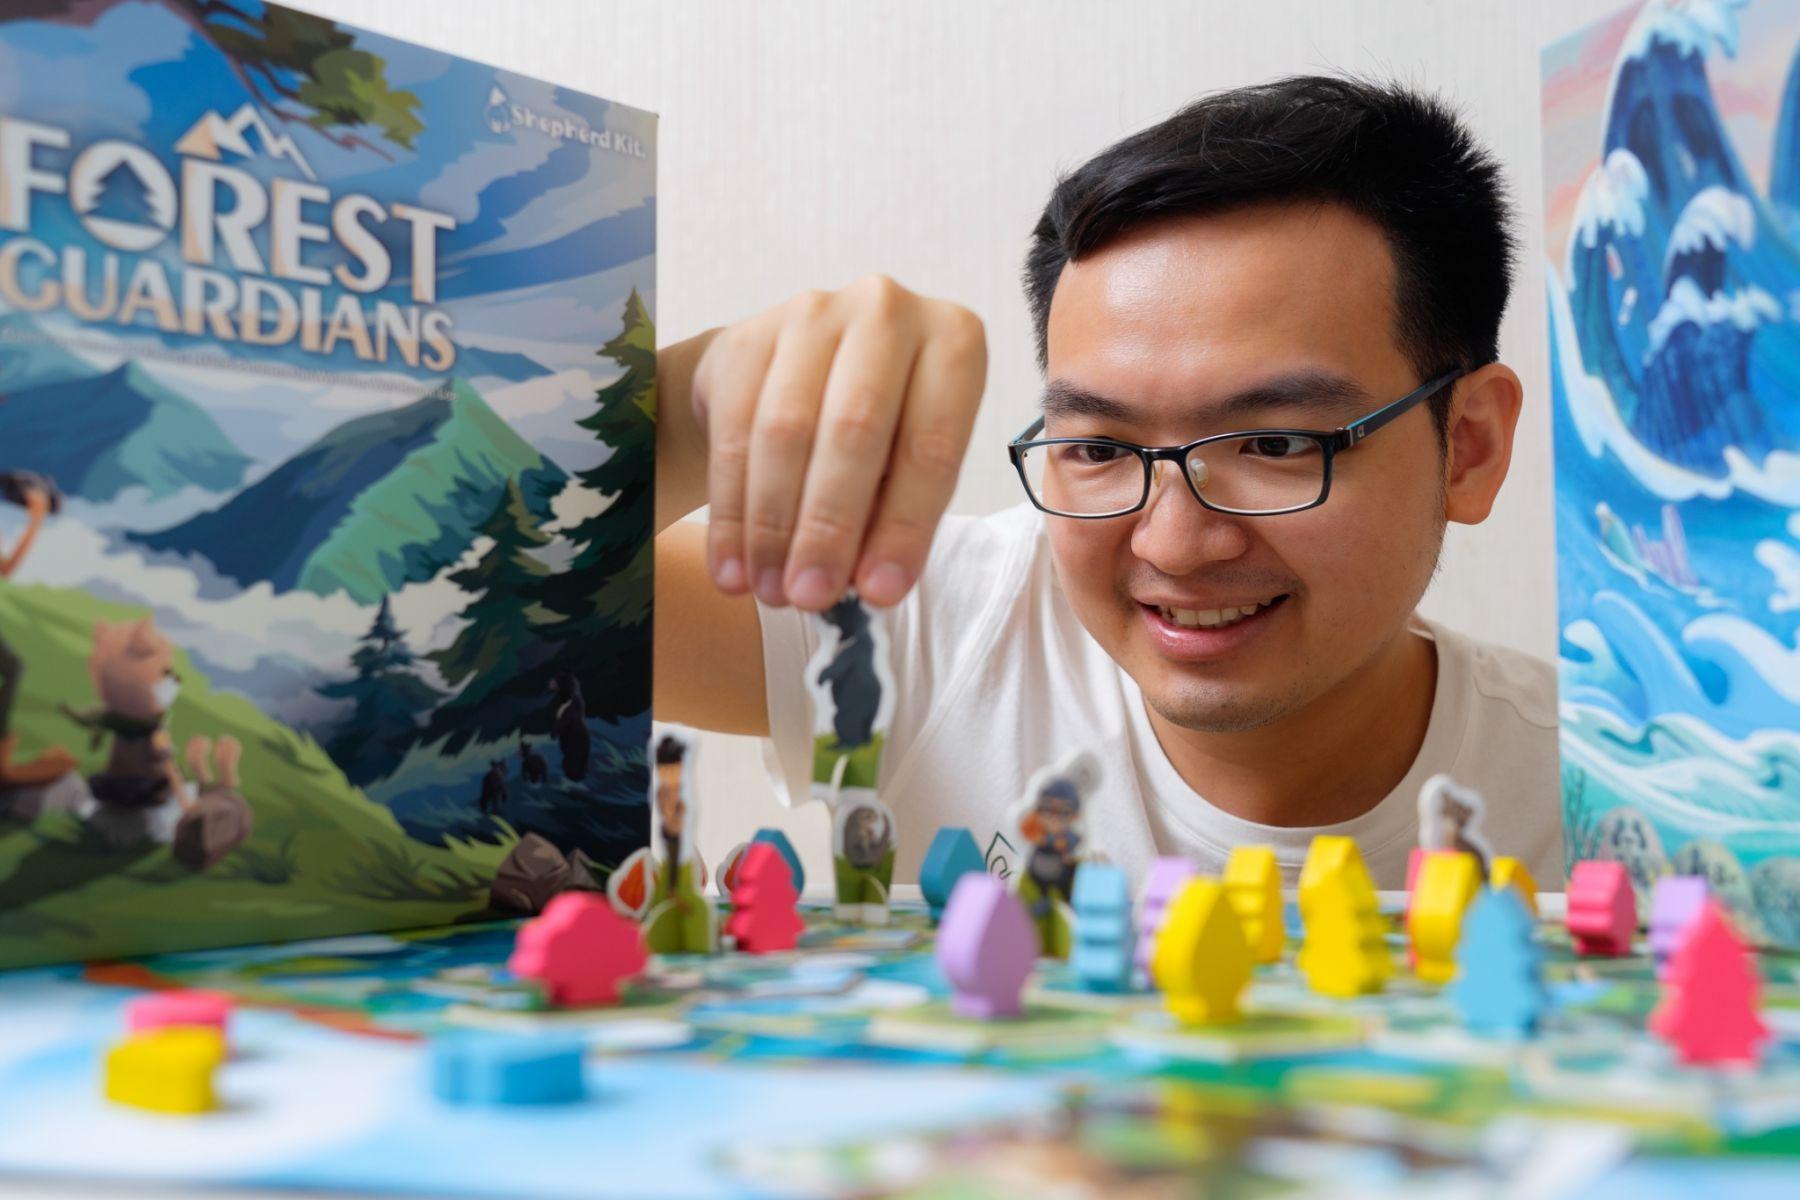 把台灣黑熊、石虎通通做成遊戲角色!這個本土團隊憑什麼把桌遊賣進大英博物館?